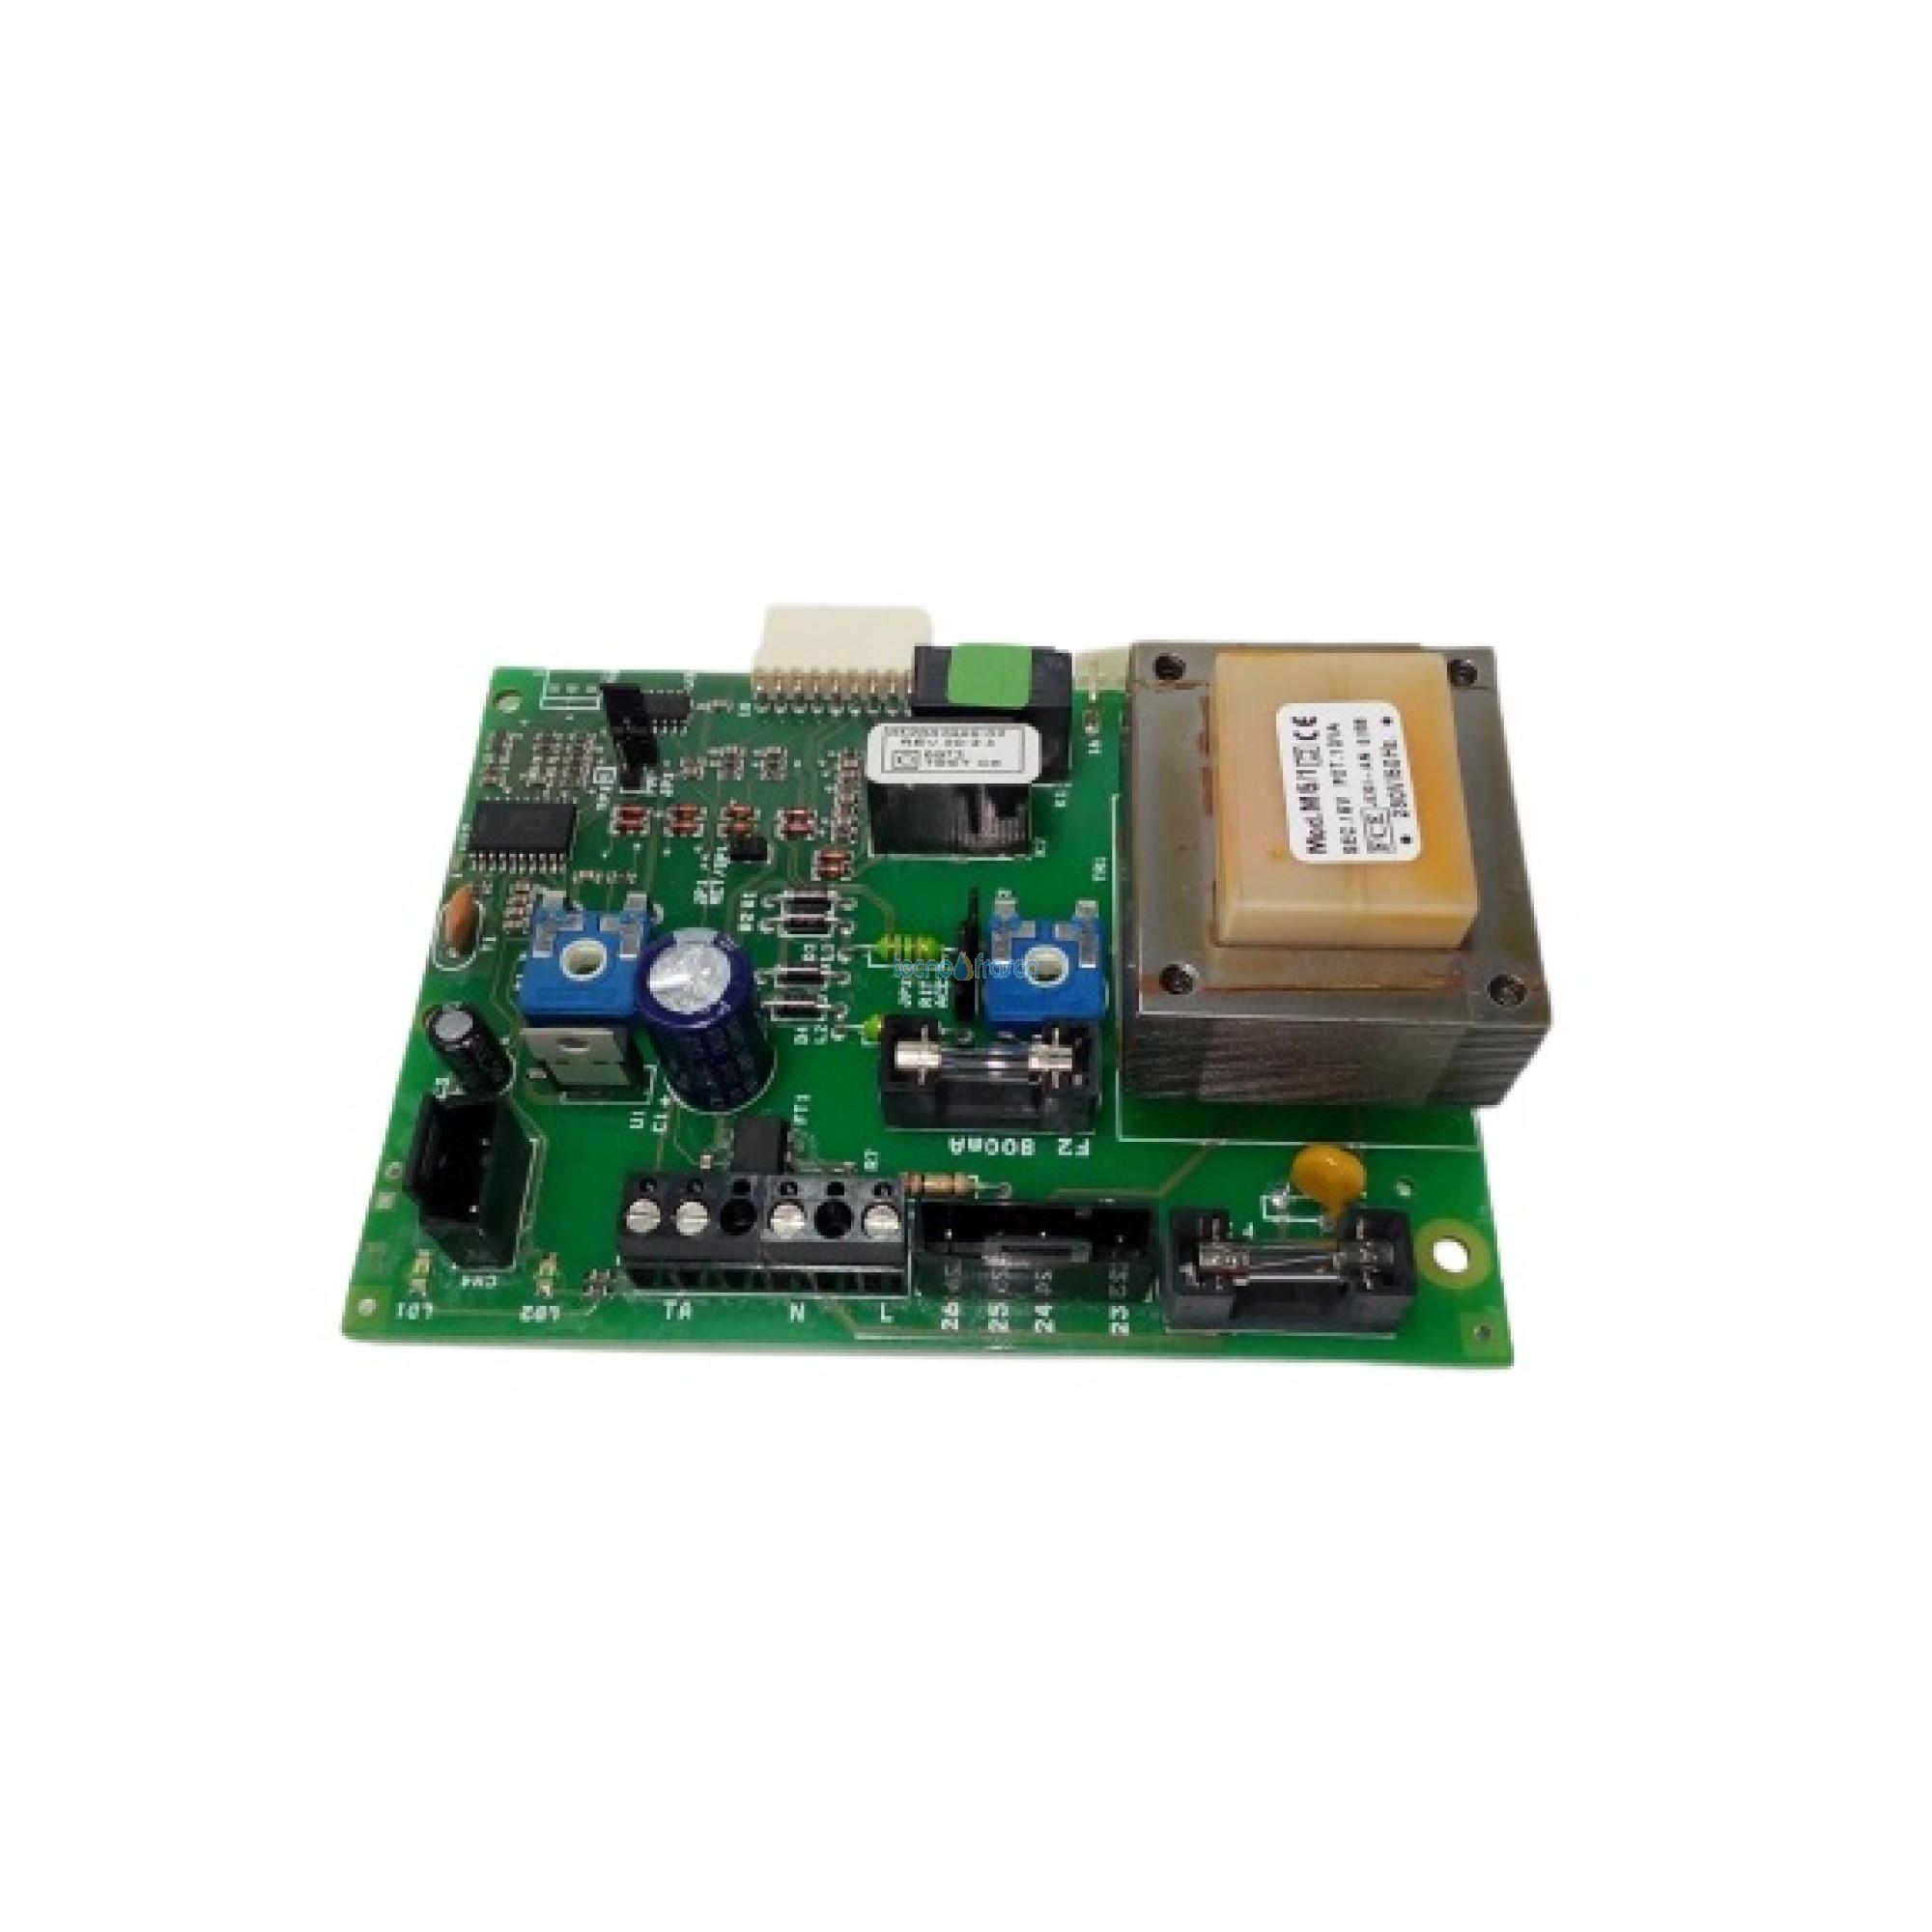 Hermann scheda elettronica h052002948